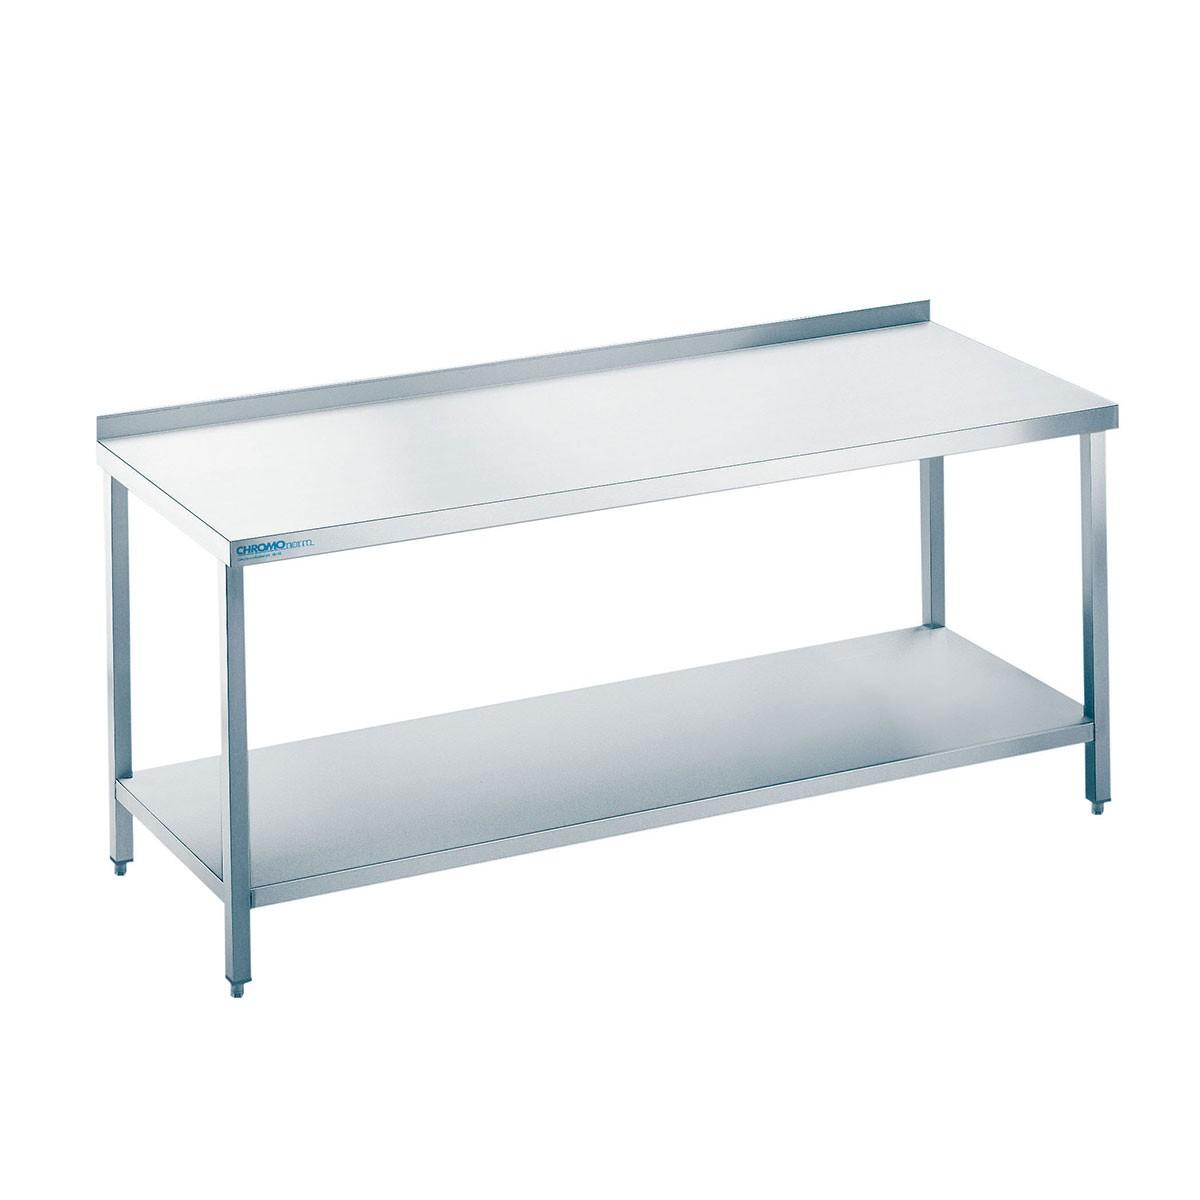 Edelstahl Arbeitstisch mit Zwischenboden TZ0720C0000 Chromonorm 700mm x 2000mm